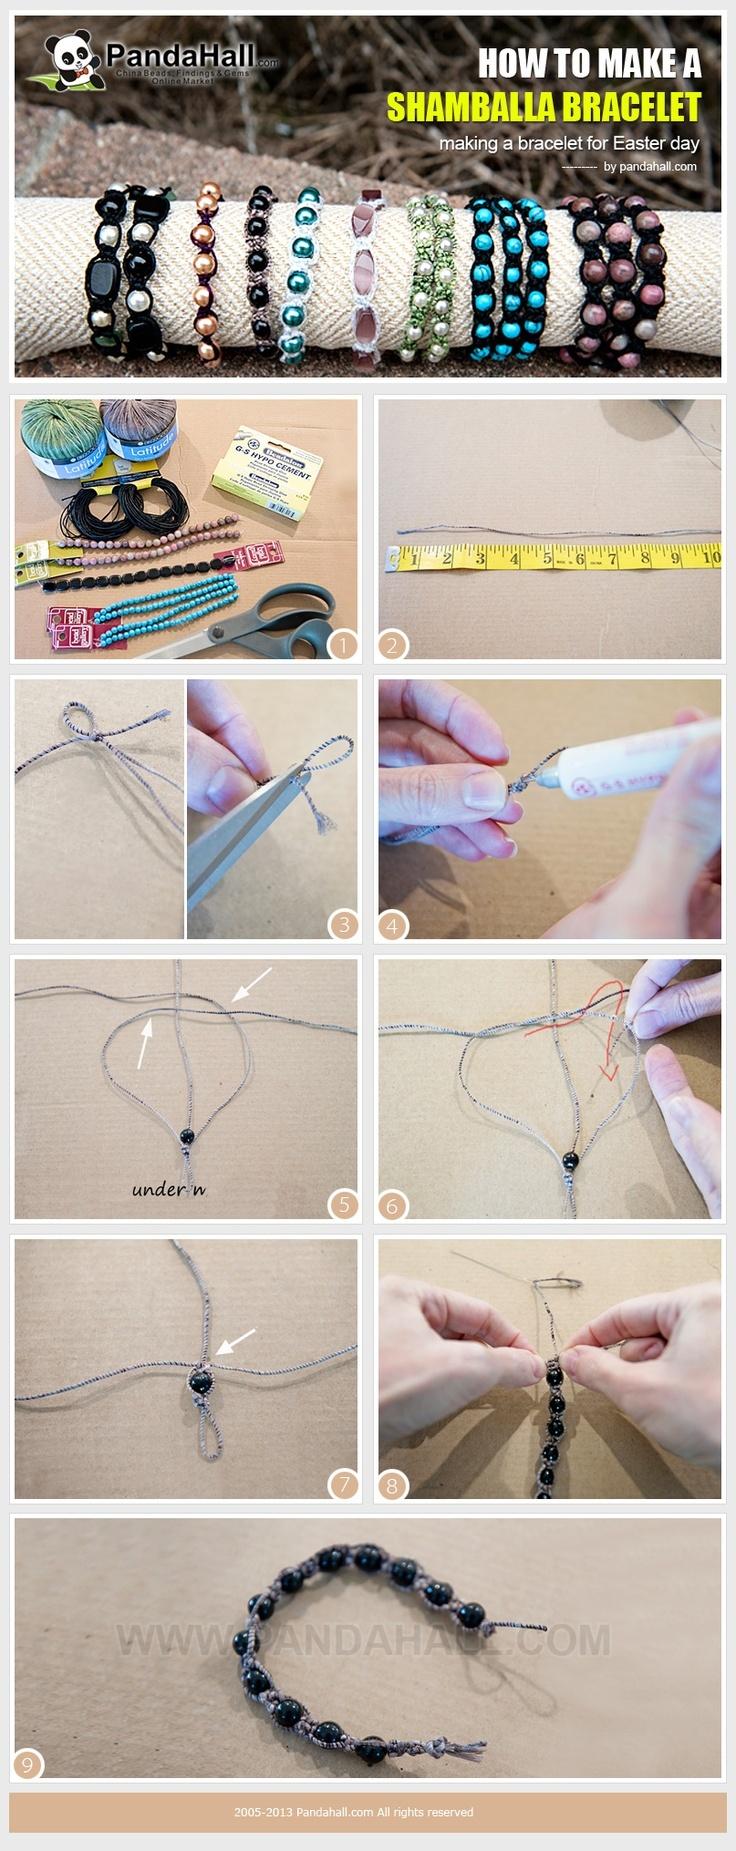 how to make a shamballa browband